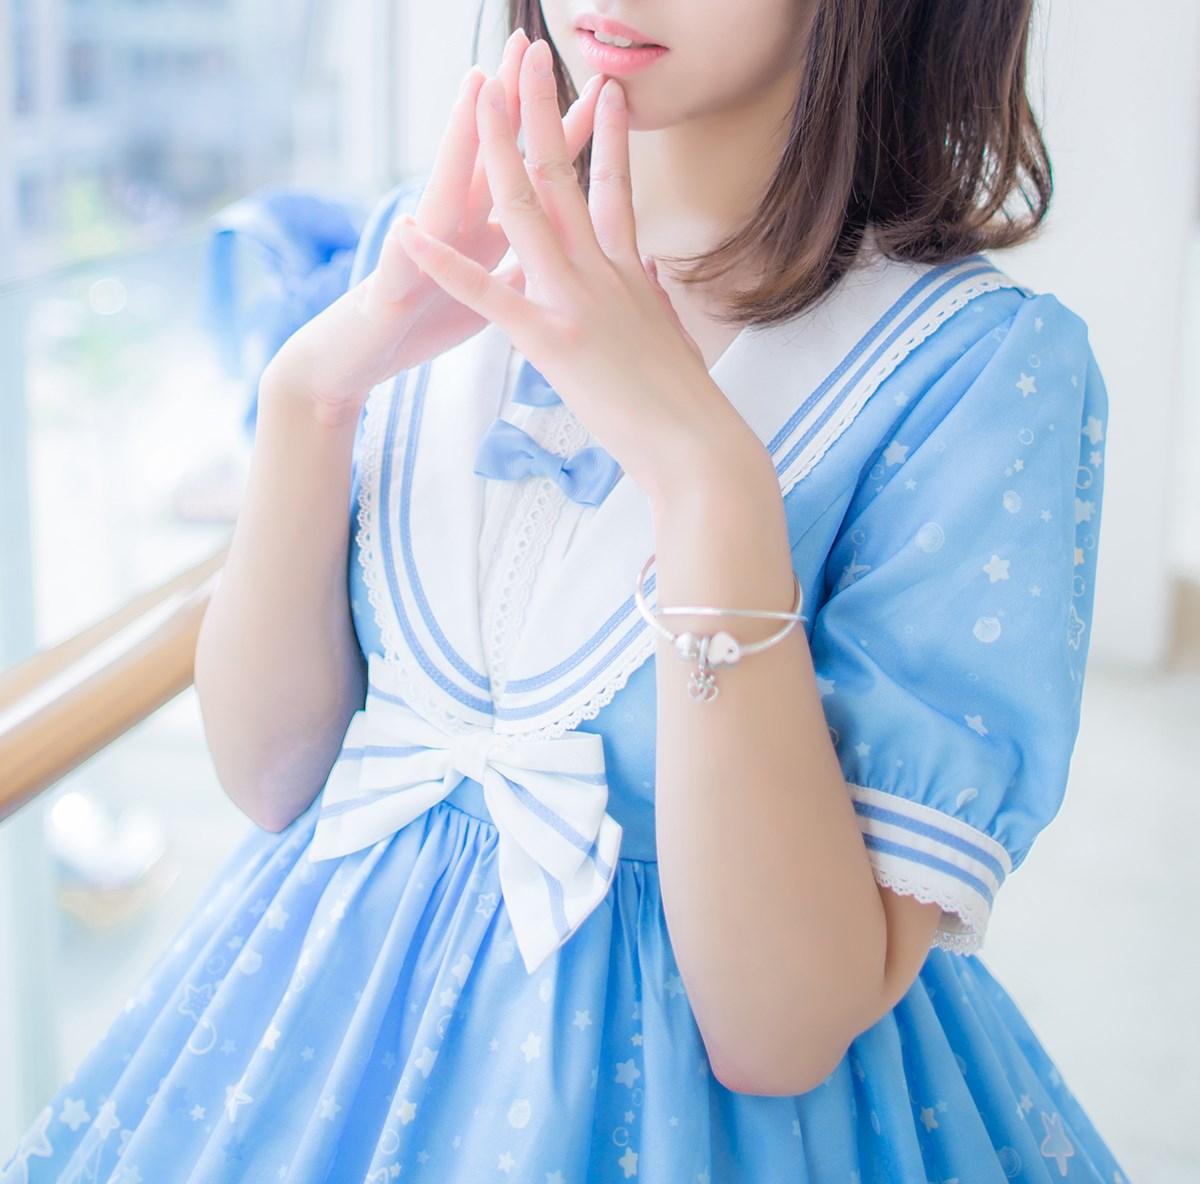 【兔玩映画】蓝色的LO娘 兔玩映画 第17张